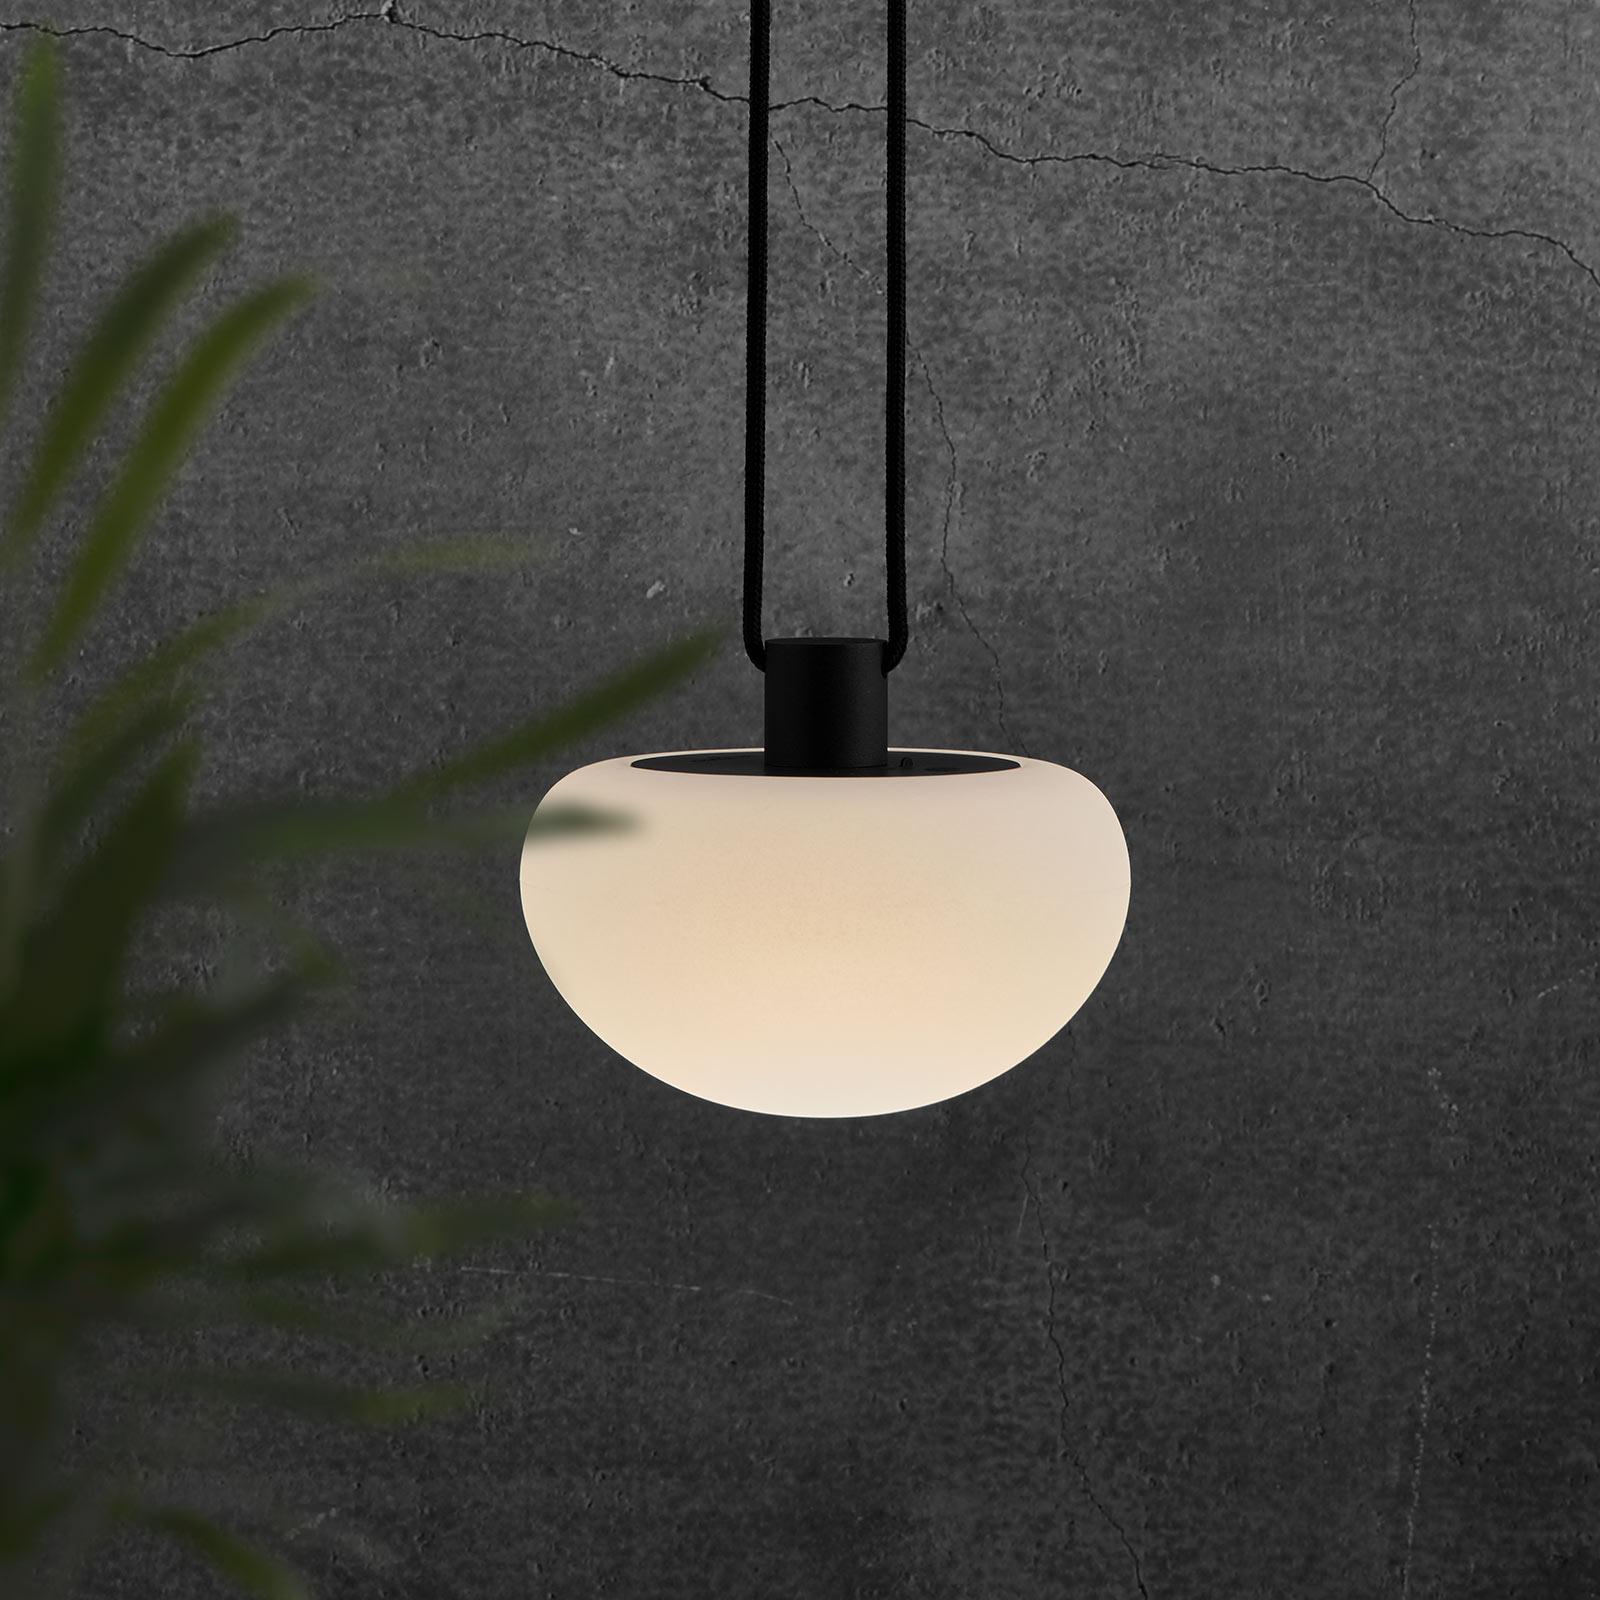 Lámpara decorativa LED Sponge con batería